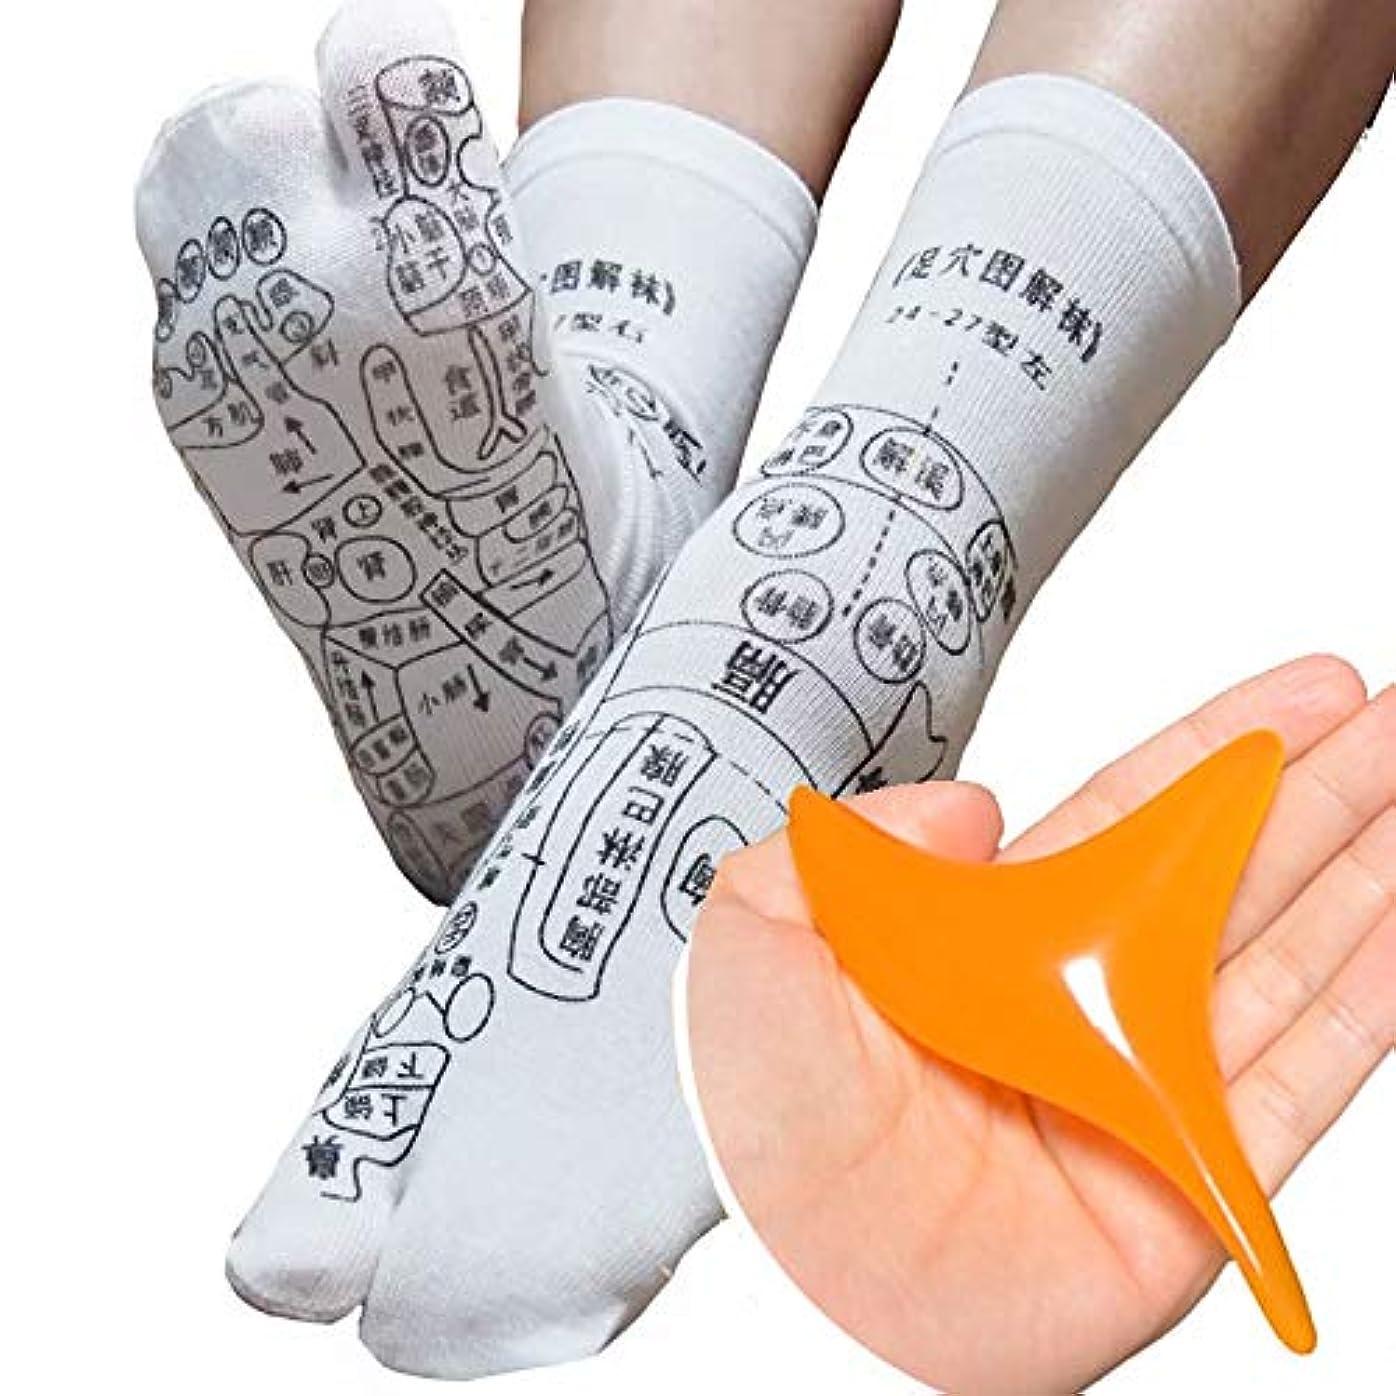 不正確友だちステレオタイプ足全体のツボが「見える」プリントソックス オカリナ型カッサ付き 足裏つぼおしソックス 足ツボ靴下 反射区 サイズ22~26センチ 靴下の字は中国語